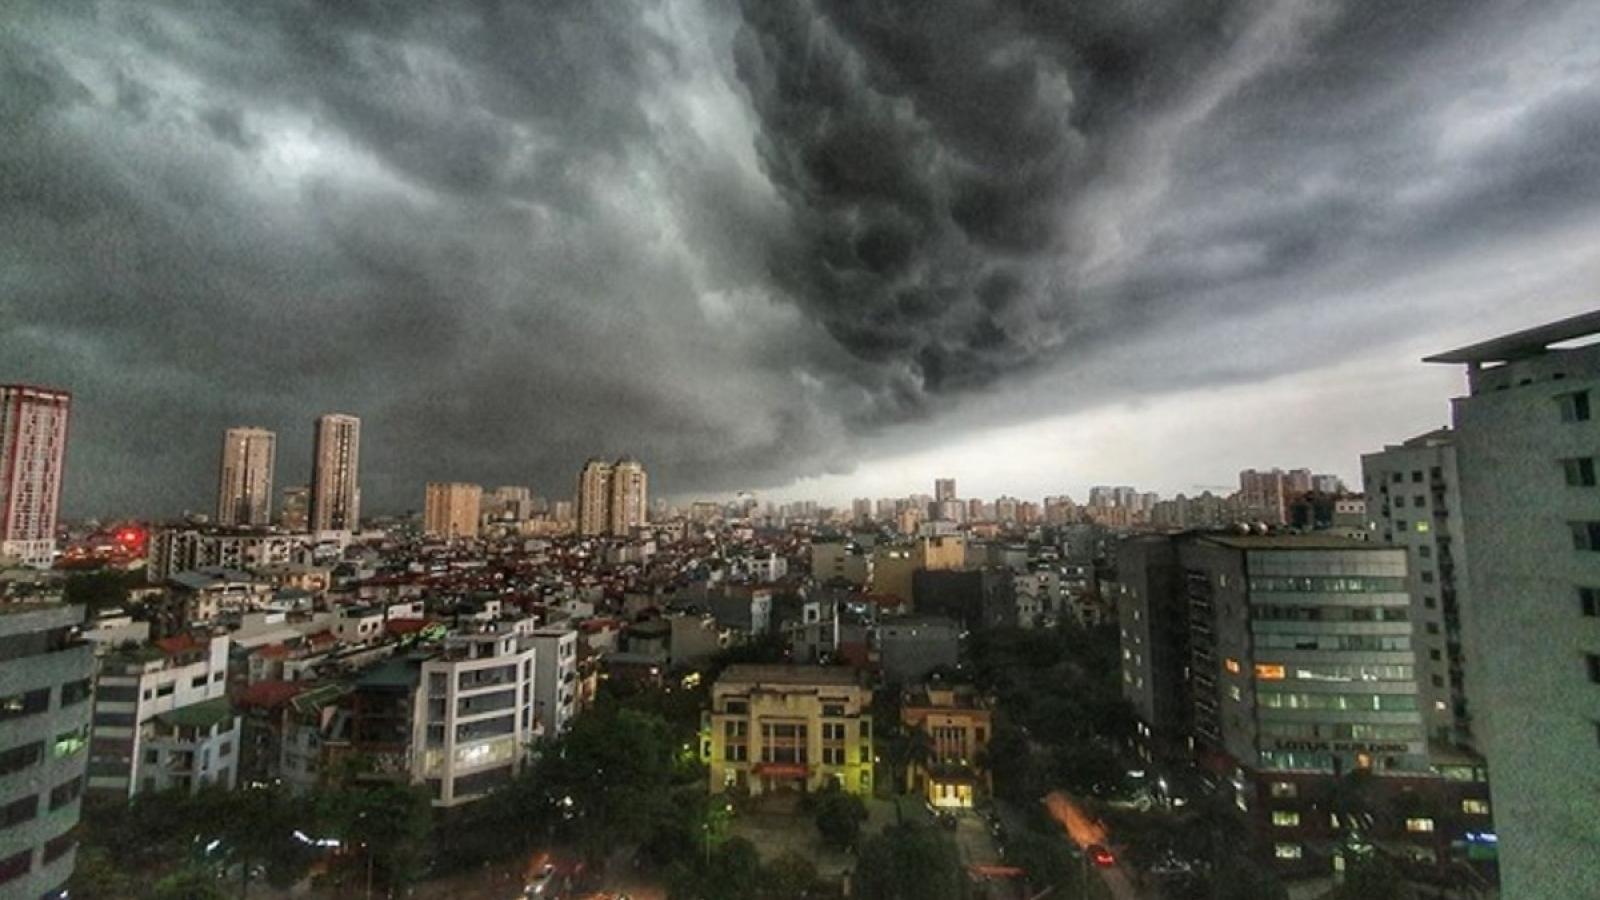 Thời tiết ngày 4/5: Hà Nội ngày nắng, đêm có mưa to